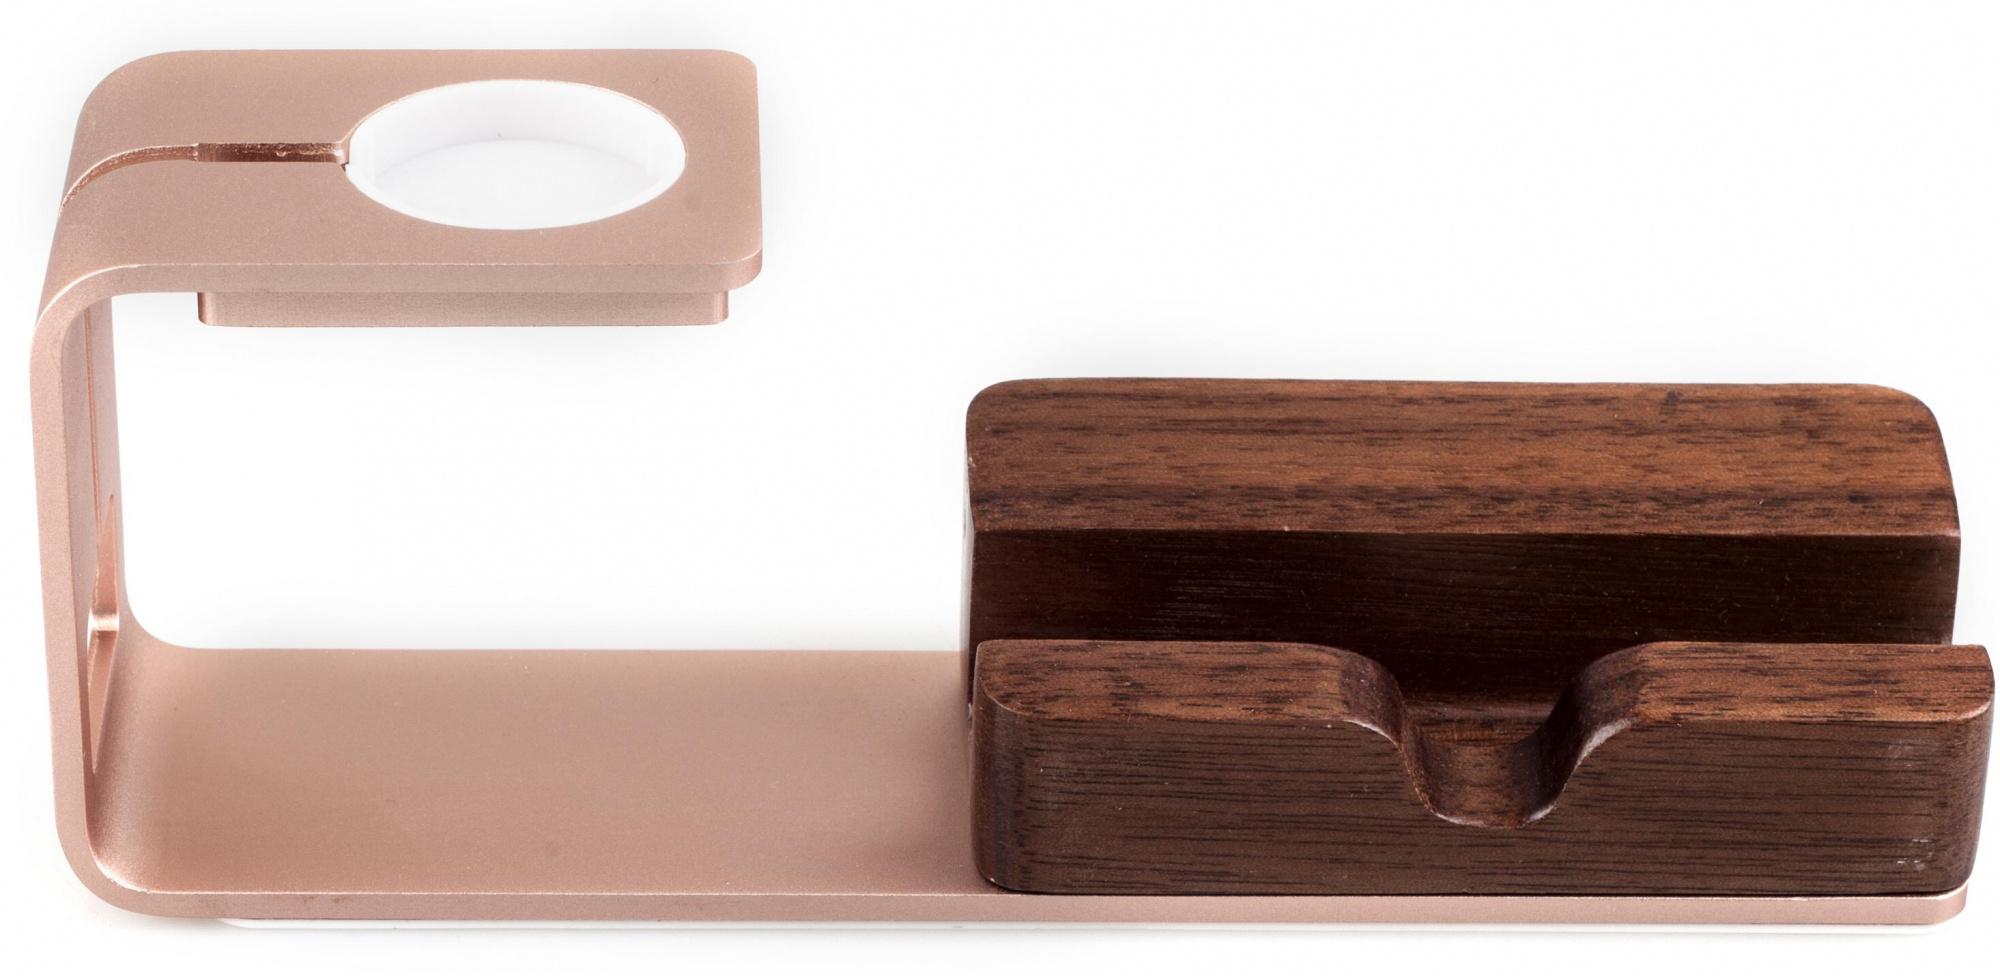 Seenda Aluminum+WoodДок-станции и держатели для iPhone и iPad<br>Подставка<br>